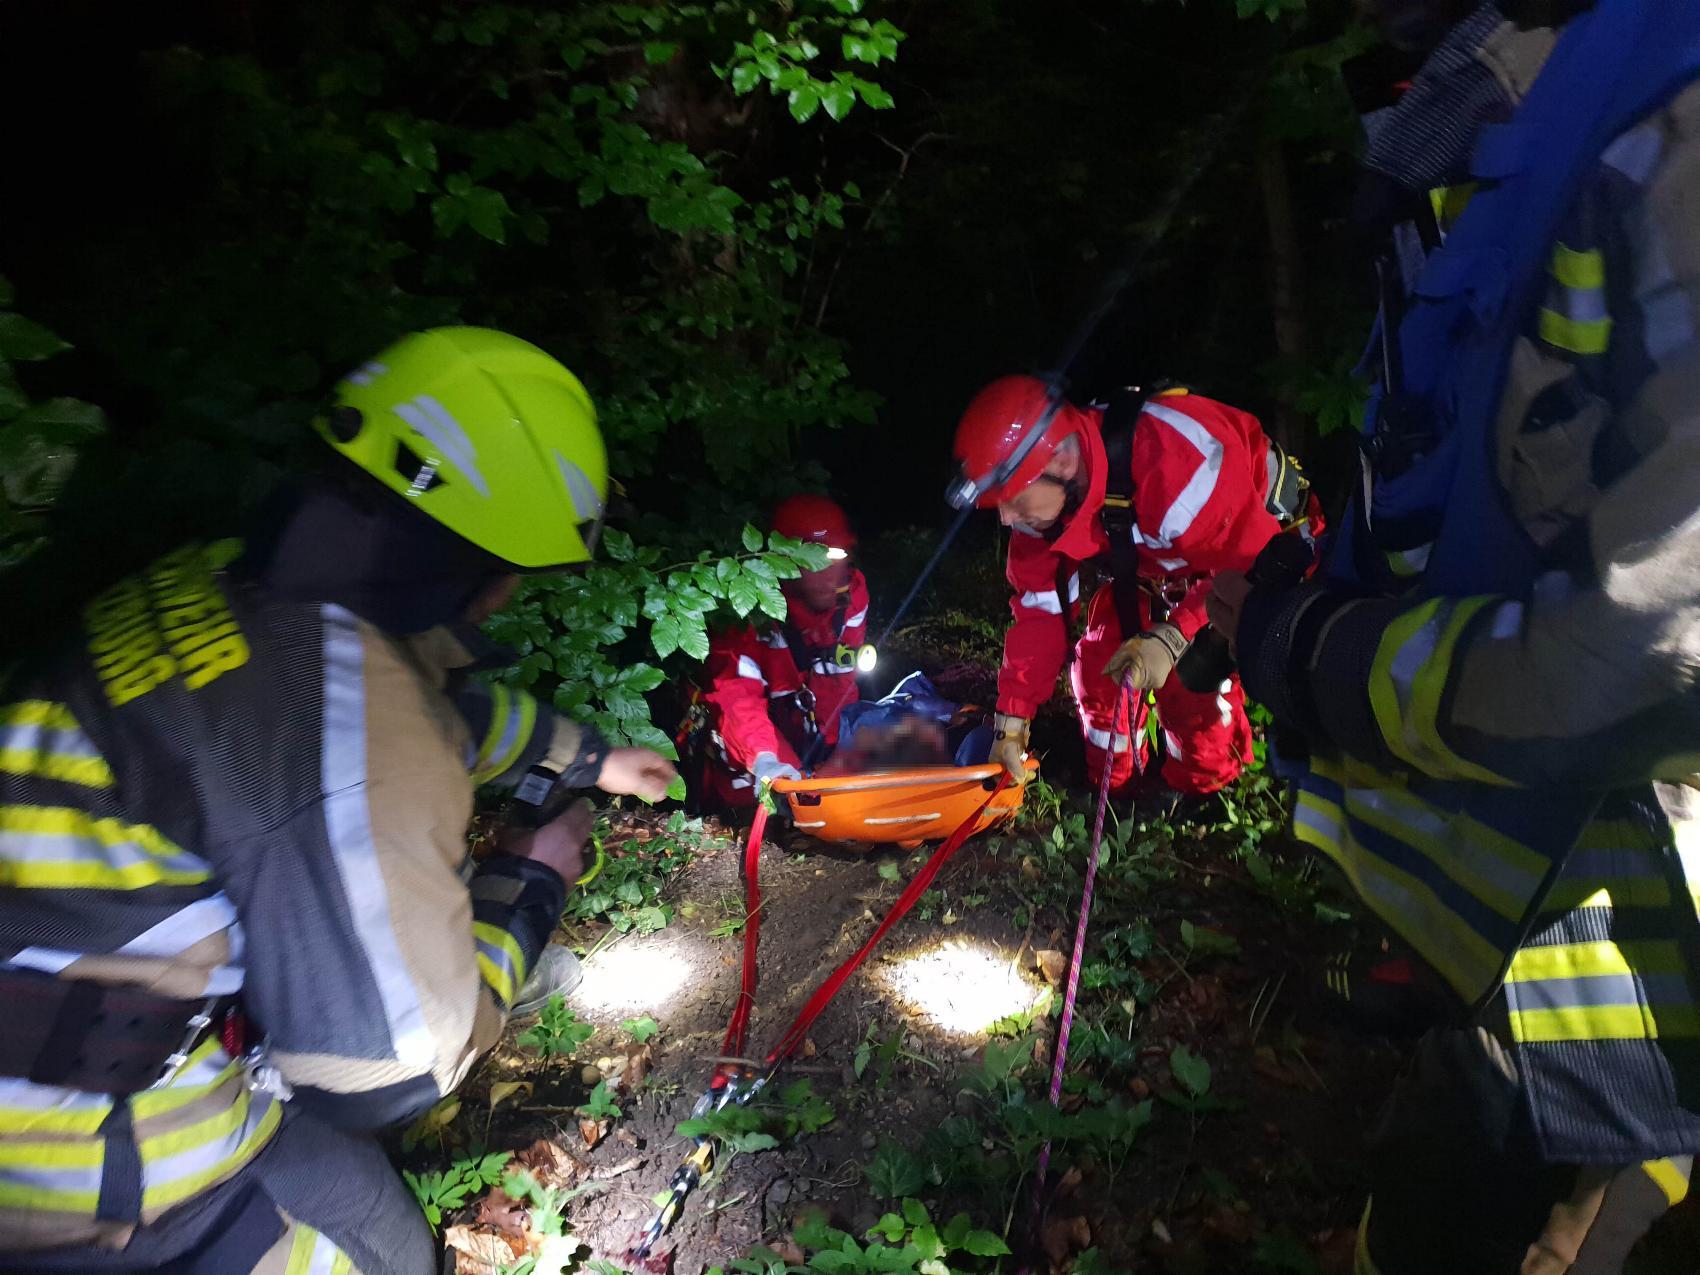 Rettung Person Abgerutscht Guenzburg 20062020 4 4